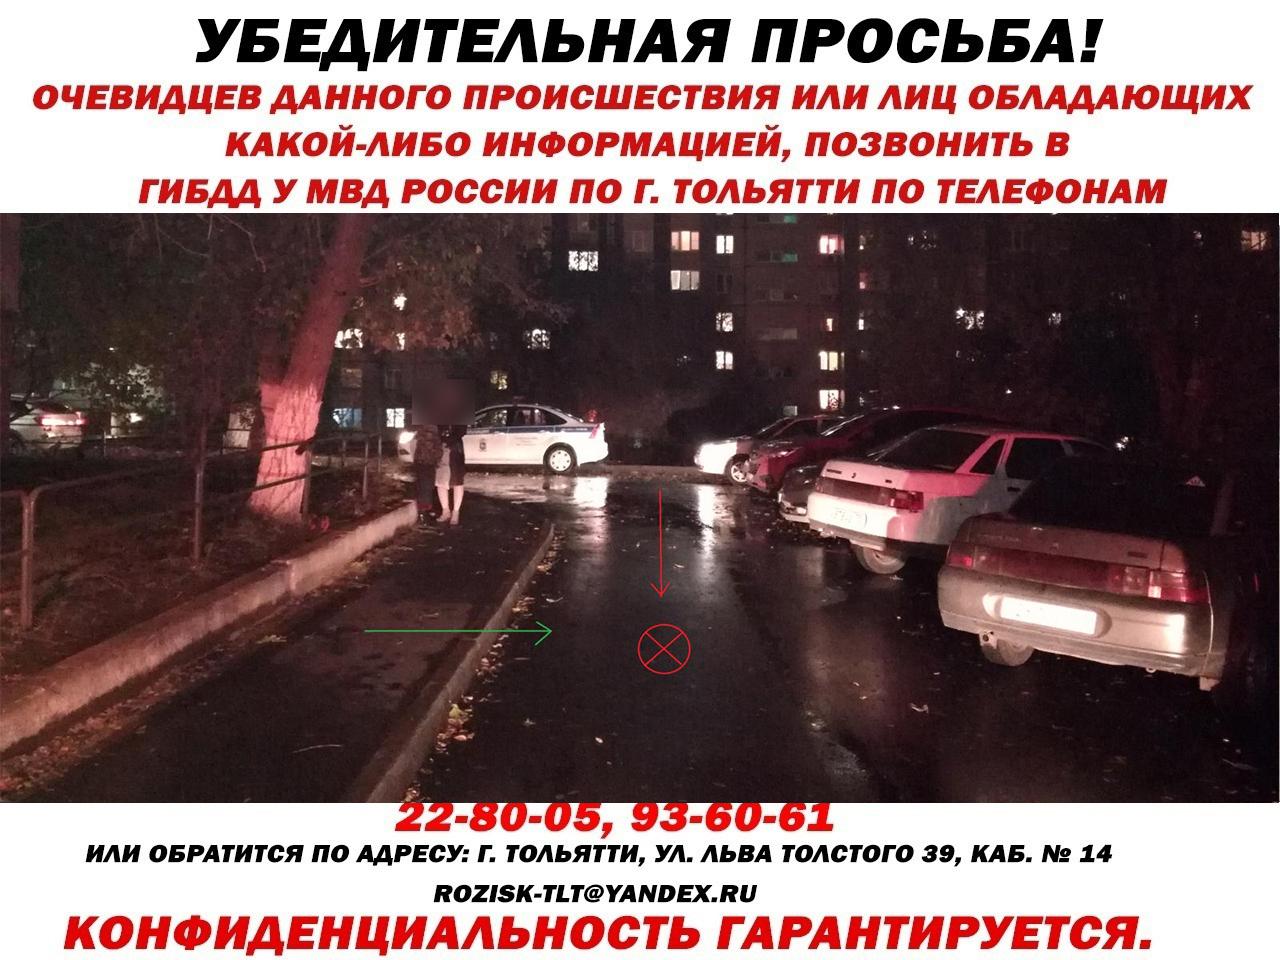 Подозревают женщину: В Тольятти объявили в розыск водителя, сбившего ребенка